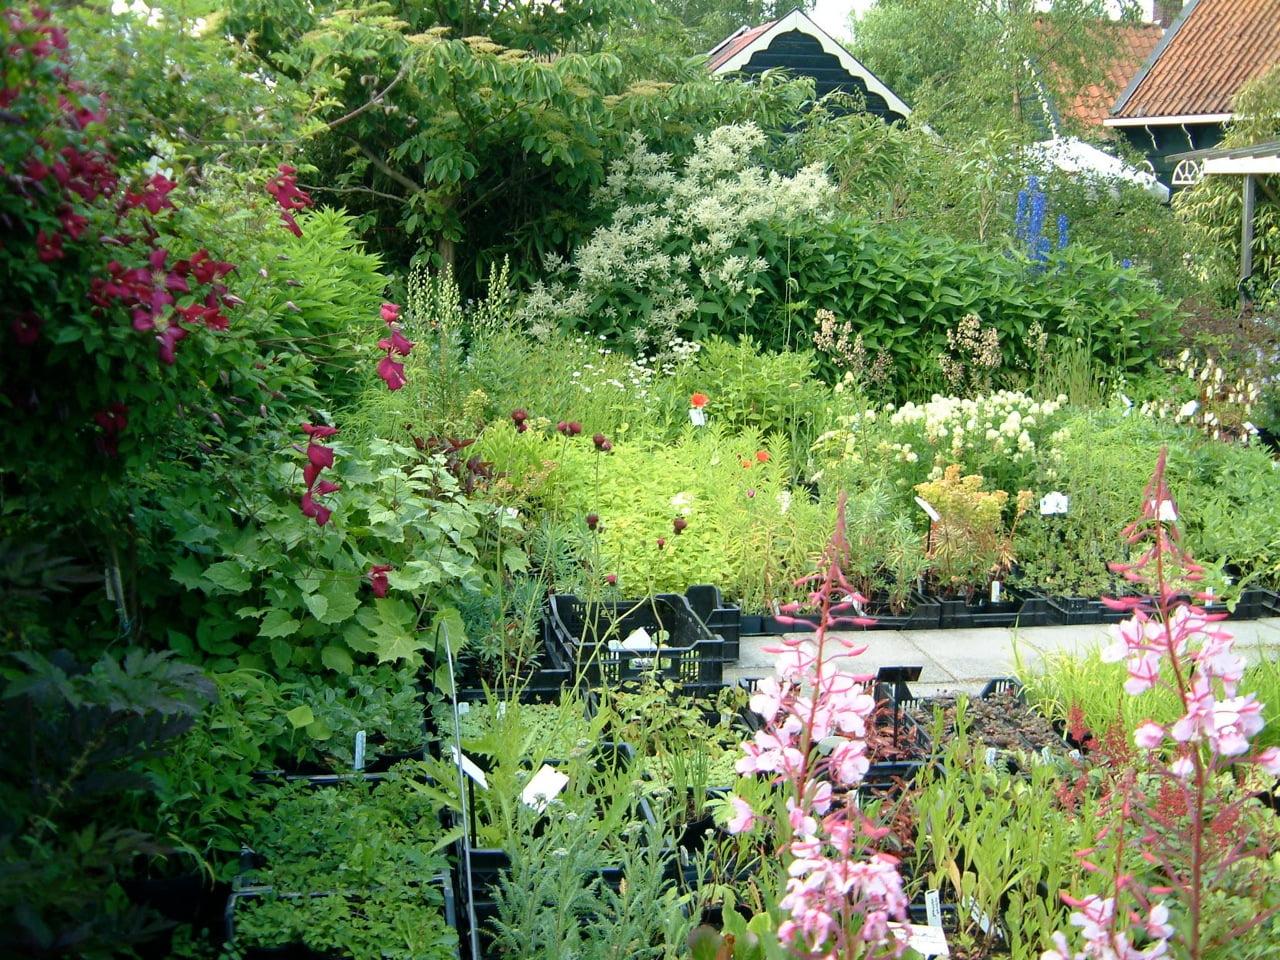 Kwekerij Liefhebbersplanten in juli